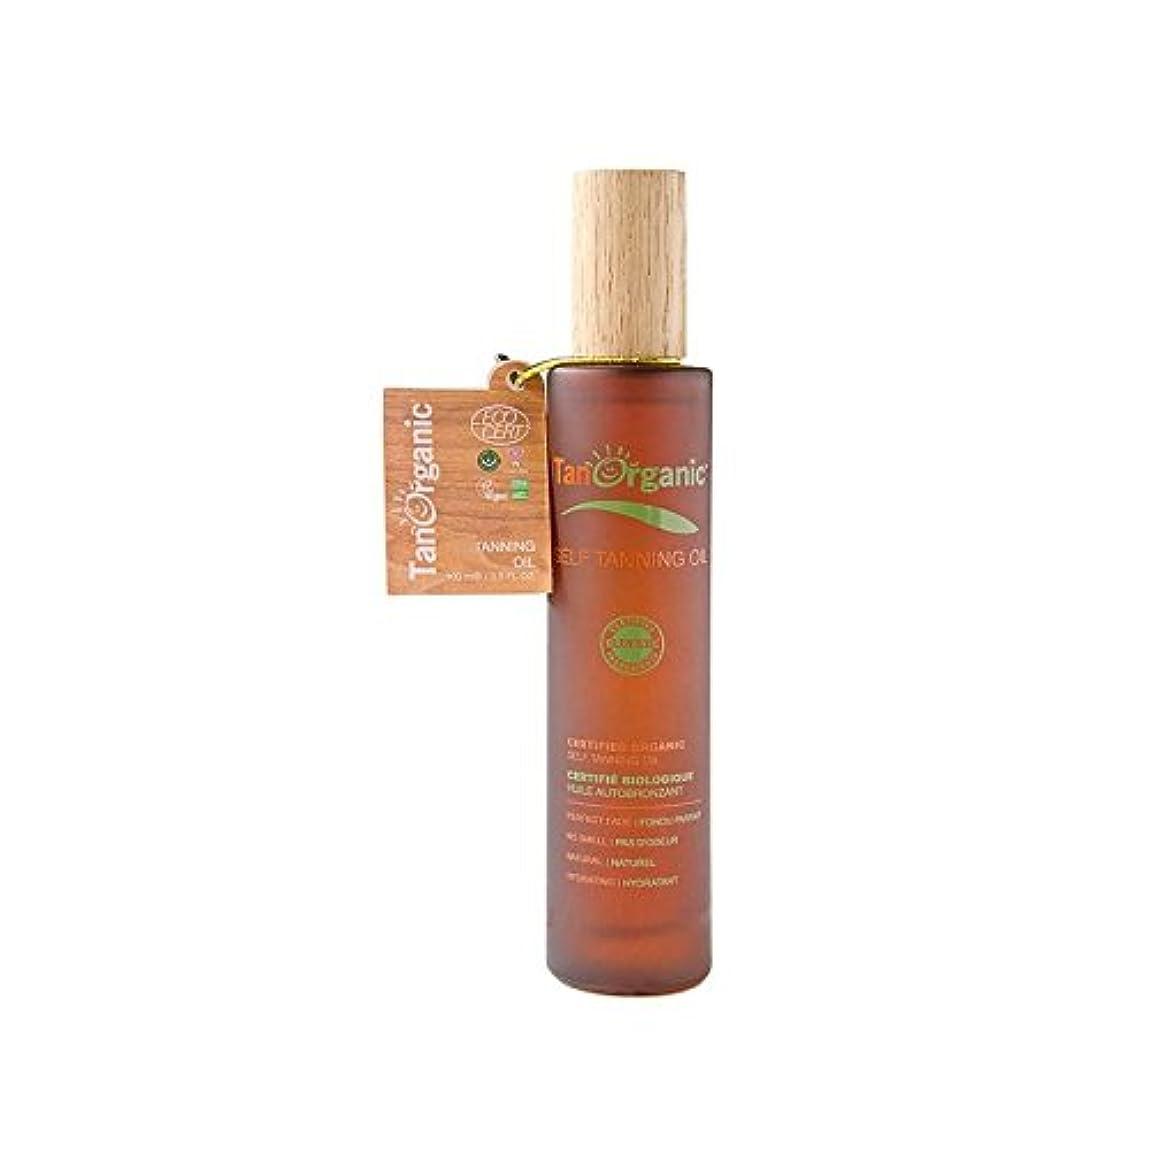 カレッジ読み書きのできない海岸Tanorganic自己日焼け顔&ボディオイル (Tan Organic) - TanOrganic Self-Tan Face & Body Oil [並行輸入品]